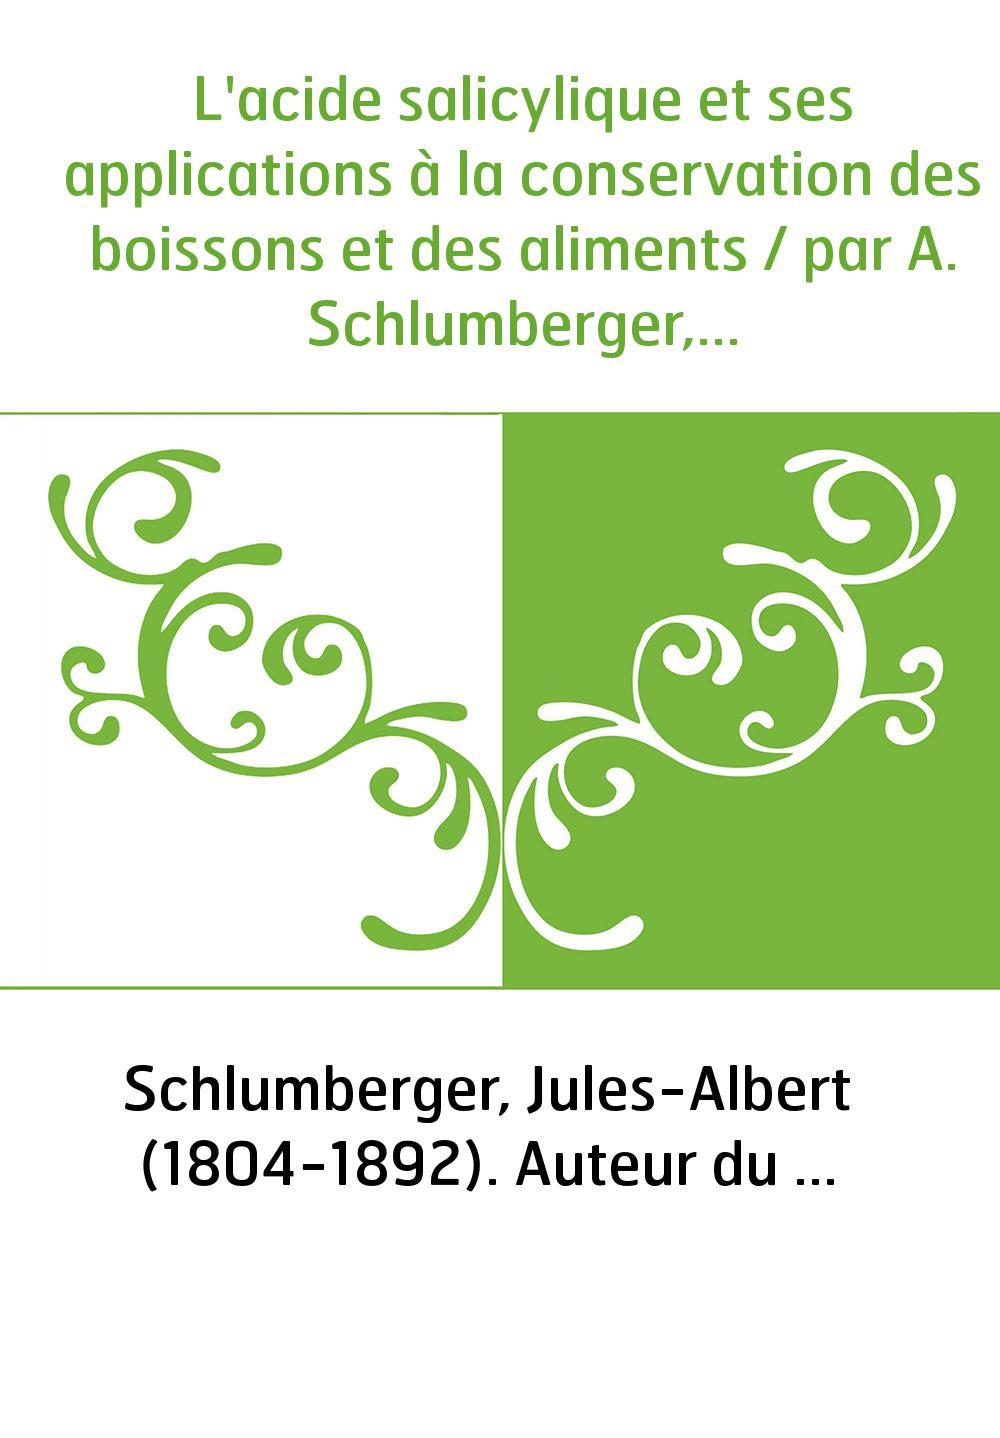 L'acide salicylique et ses applications à la conservation des boissons et des aliments / par A. Schlumberger,...